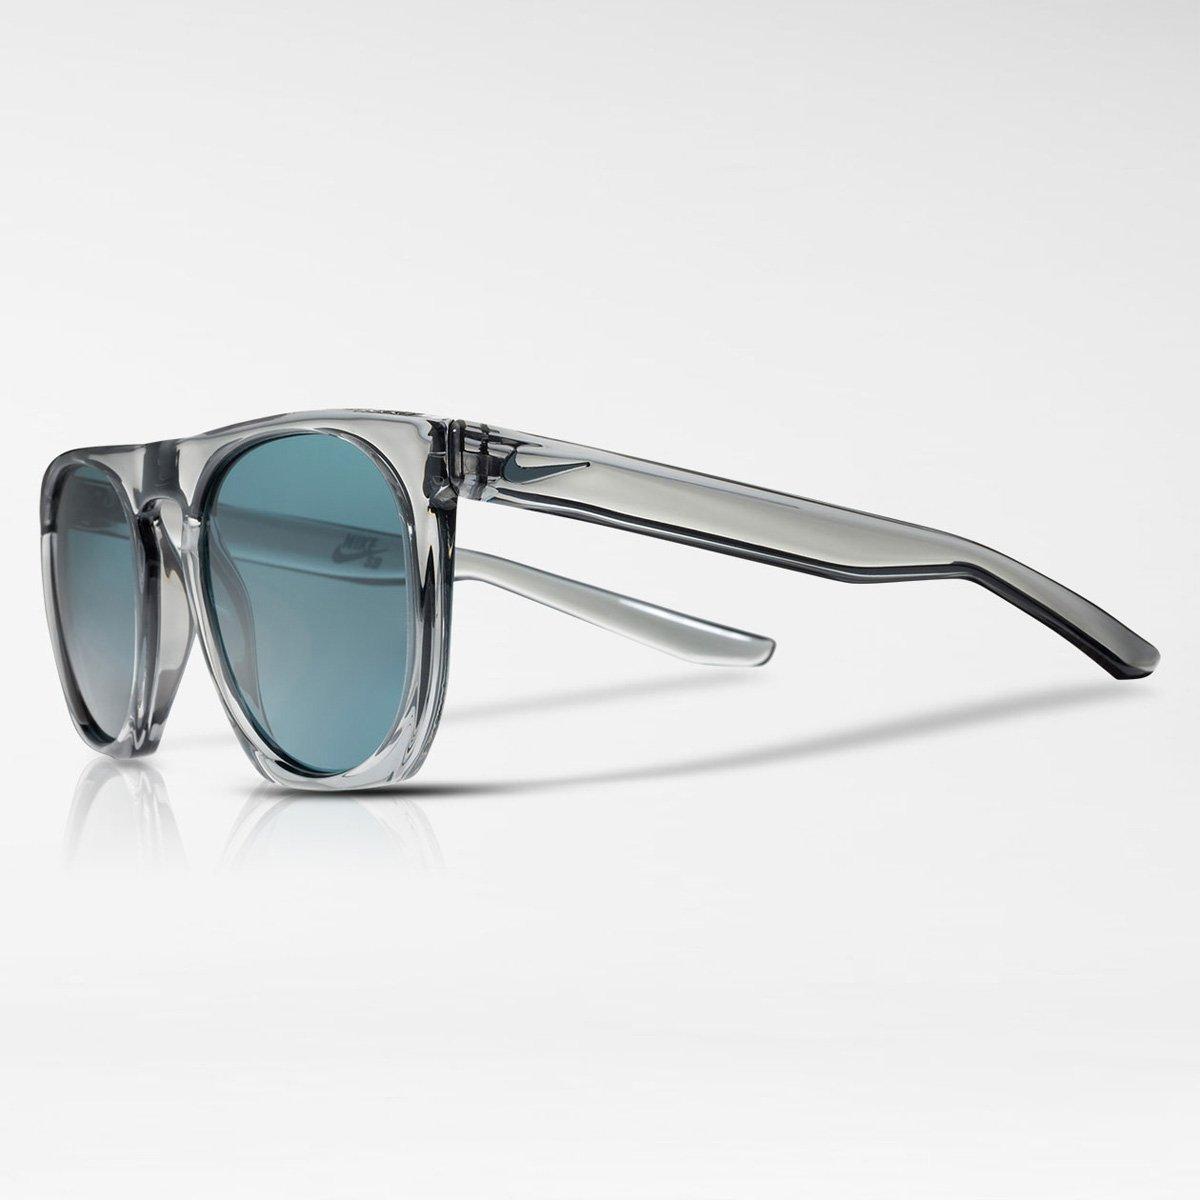 Óculos NIKE Nike Flatspot Ev0923 004 Cinza Translúcido Lente Polarizada  Azul Flash Tam 52  Amazon.com.br  Amazon Moda e6cd332dfa